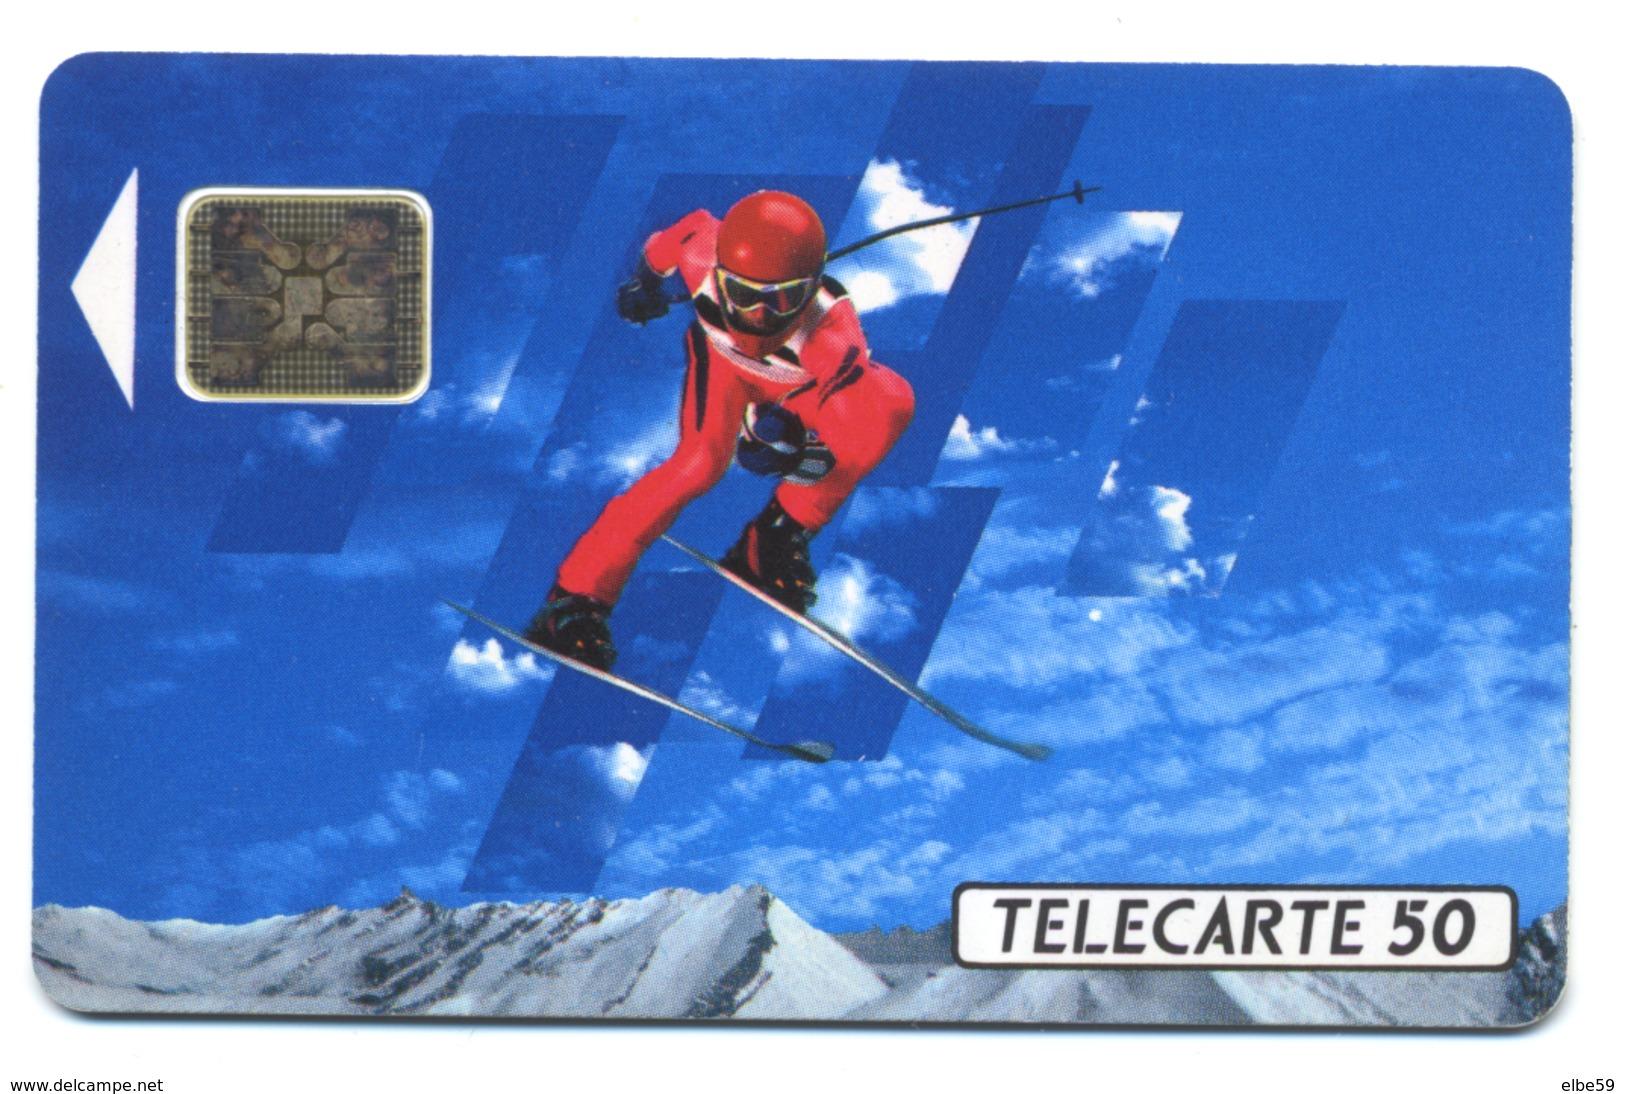 France, Telecom, Telecarte 50, Thème, Jeux Olympiques, Albertville 92, Skieur - Jeux Olympiques